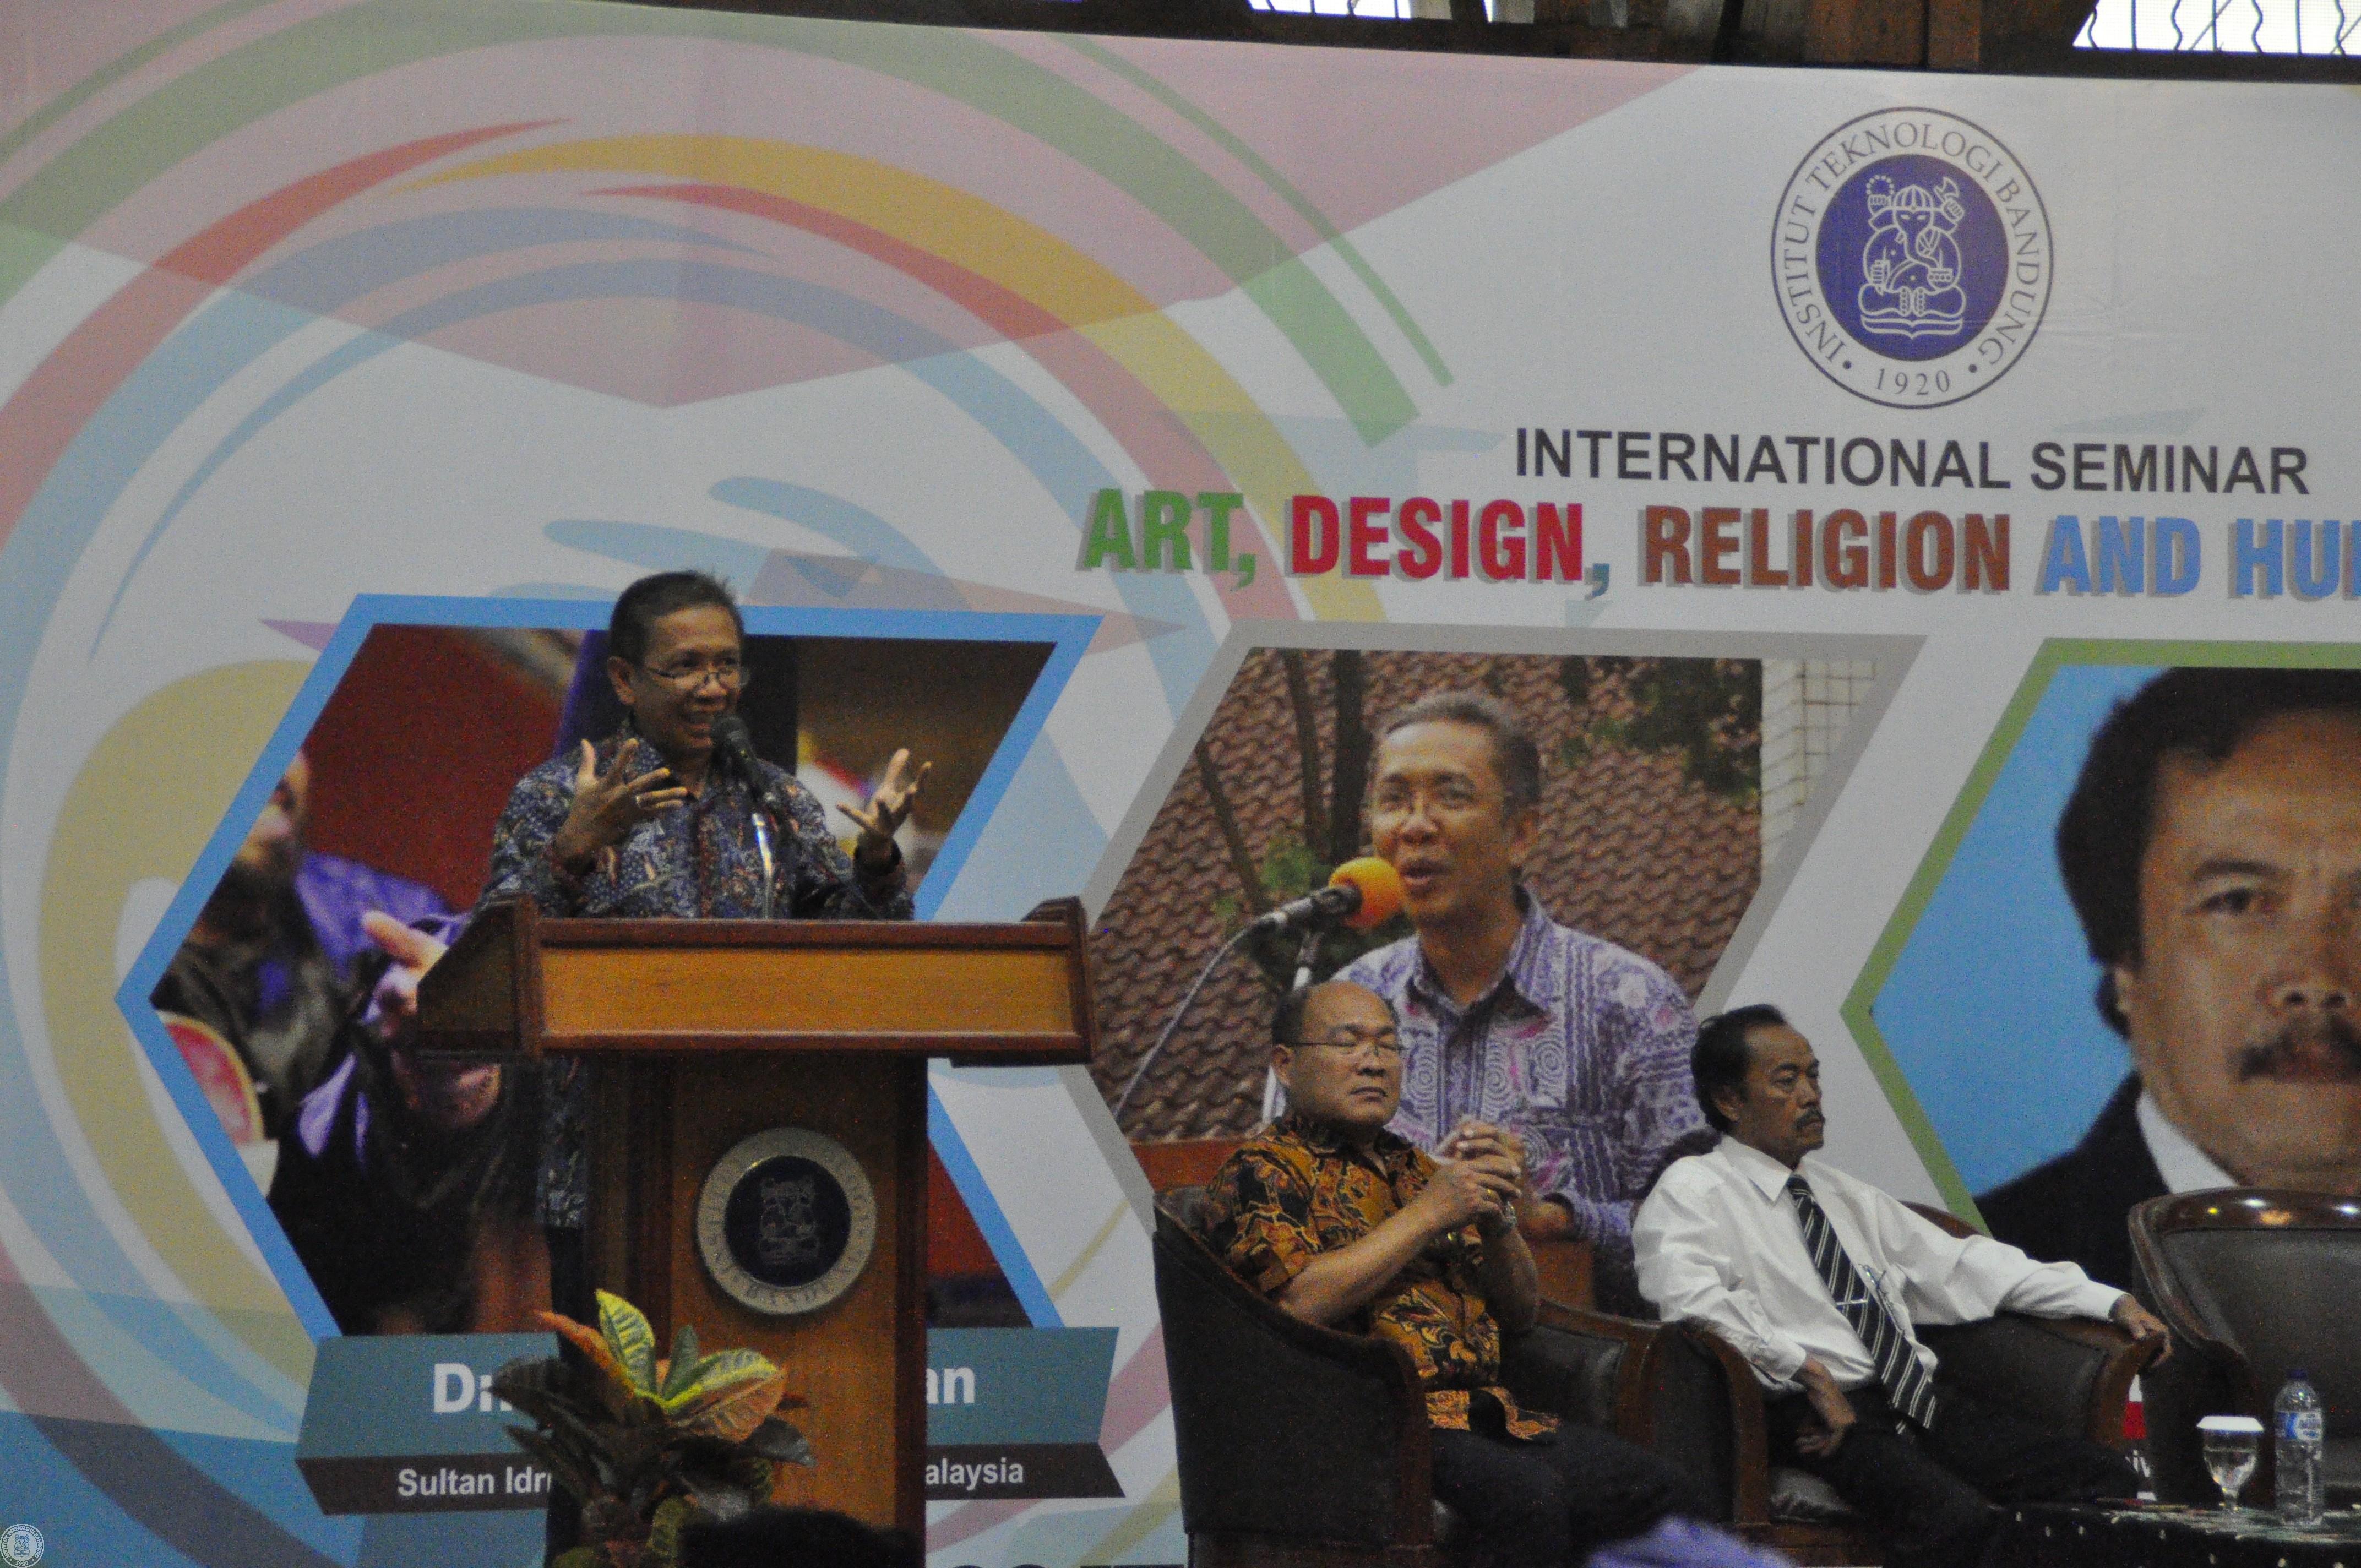 pertemukan-ilmu-sains-dengan-ilmu-sosial-humaniora-dalam-seminar-bertajuk-art-design-religion-and-humanities